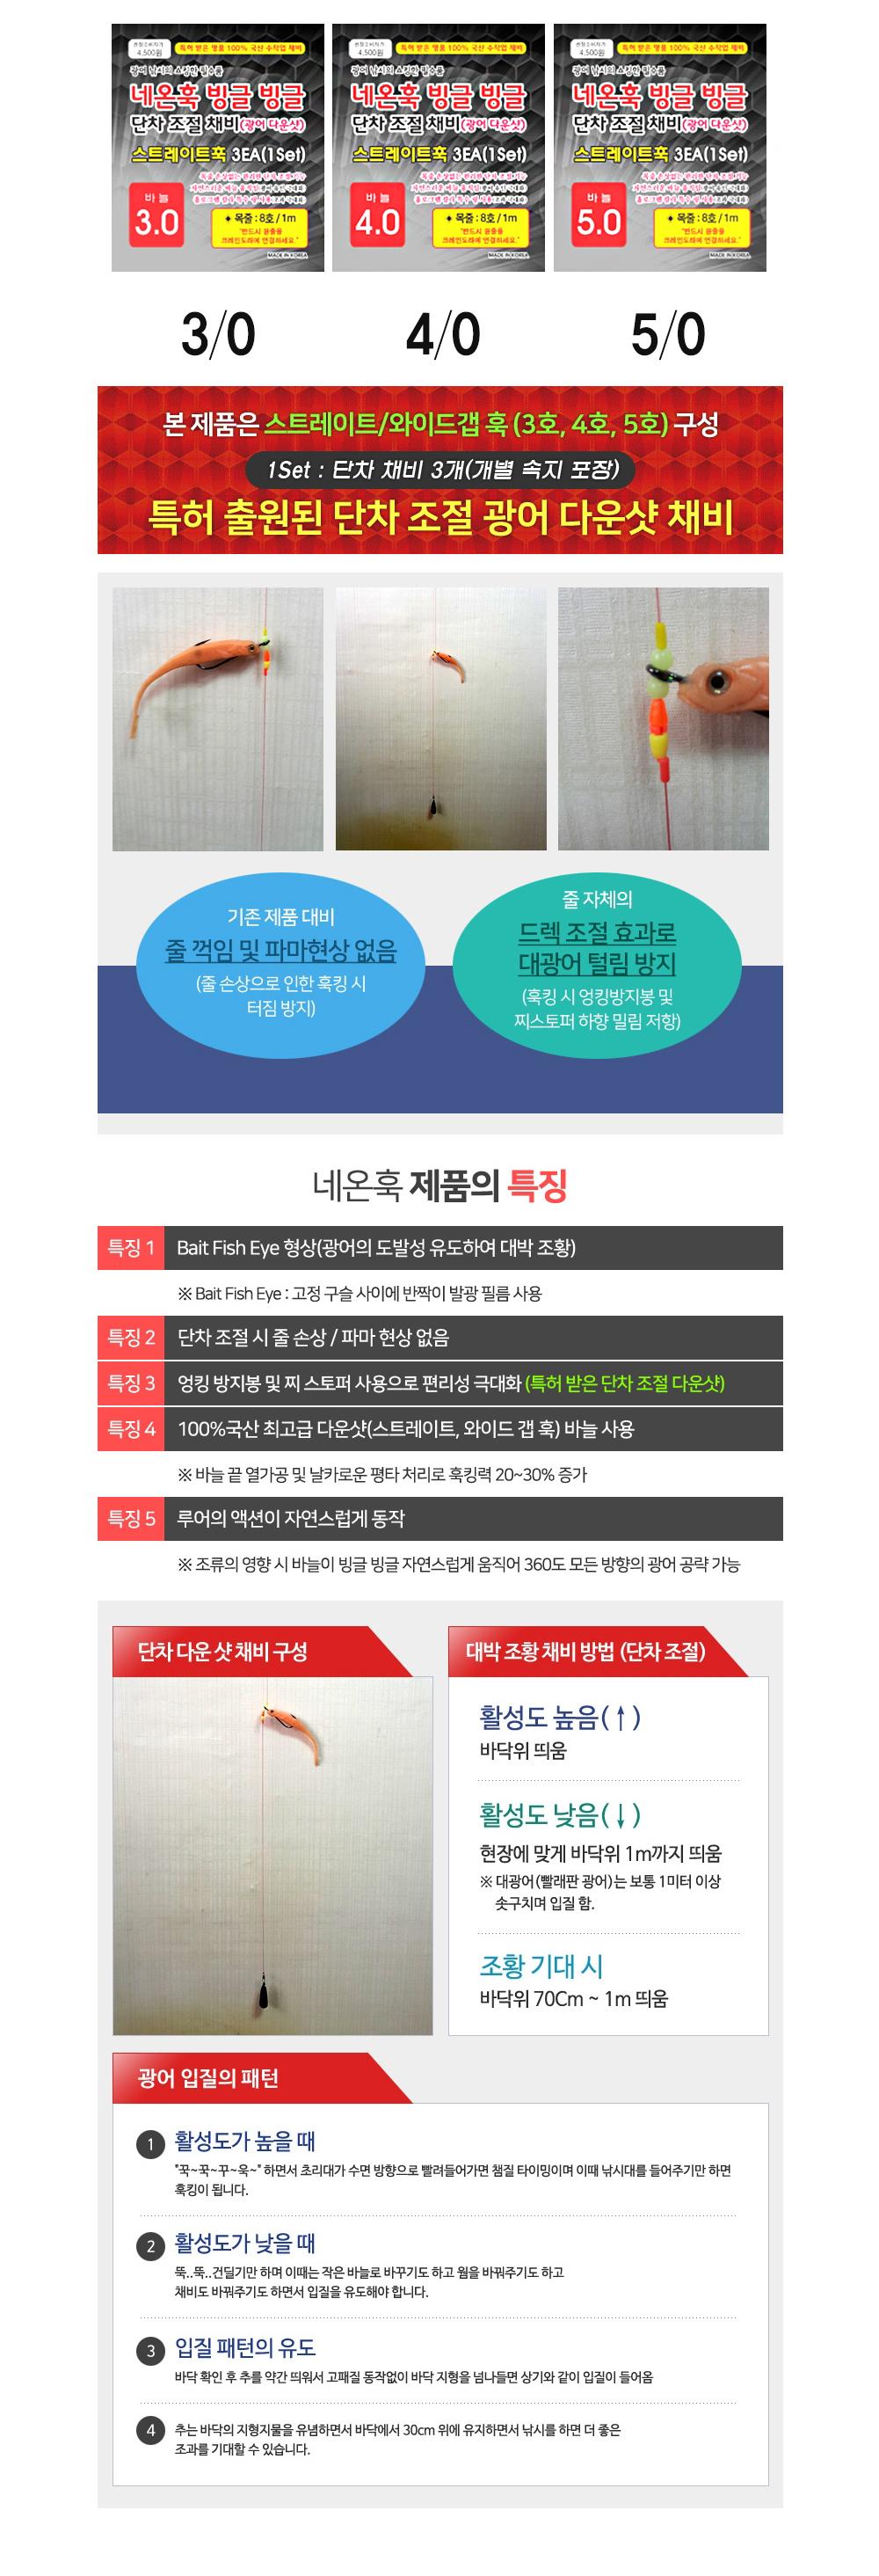 네온훅 빙글 빙글 단차 조절채비 스트레이트훅 광어다운샷 선상광어 광어 광어낚시